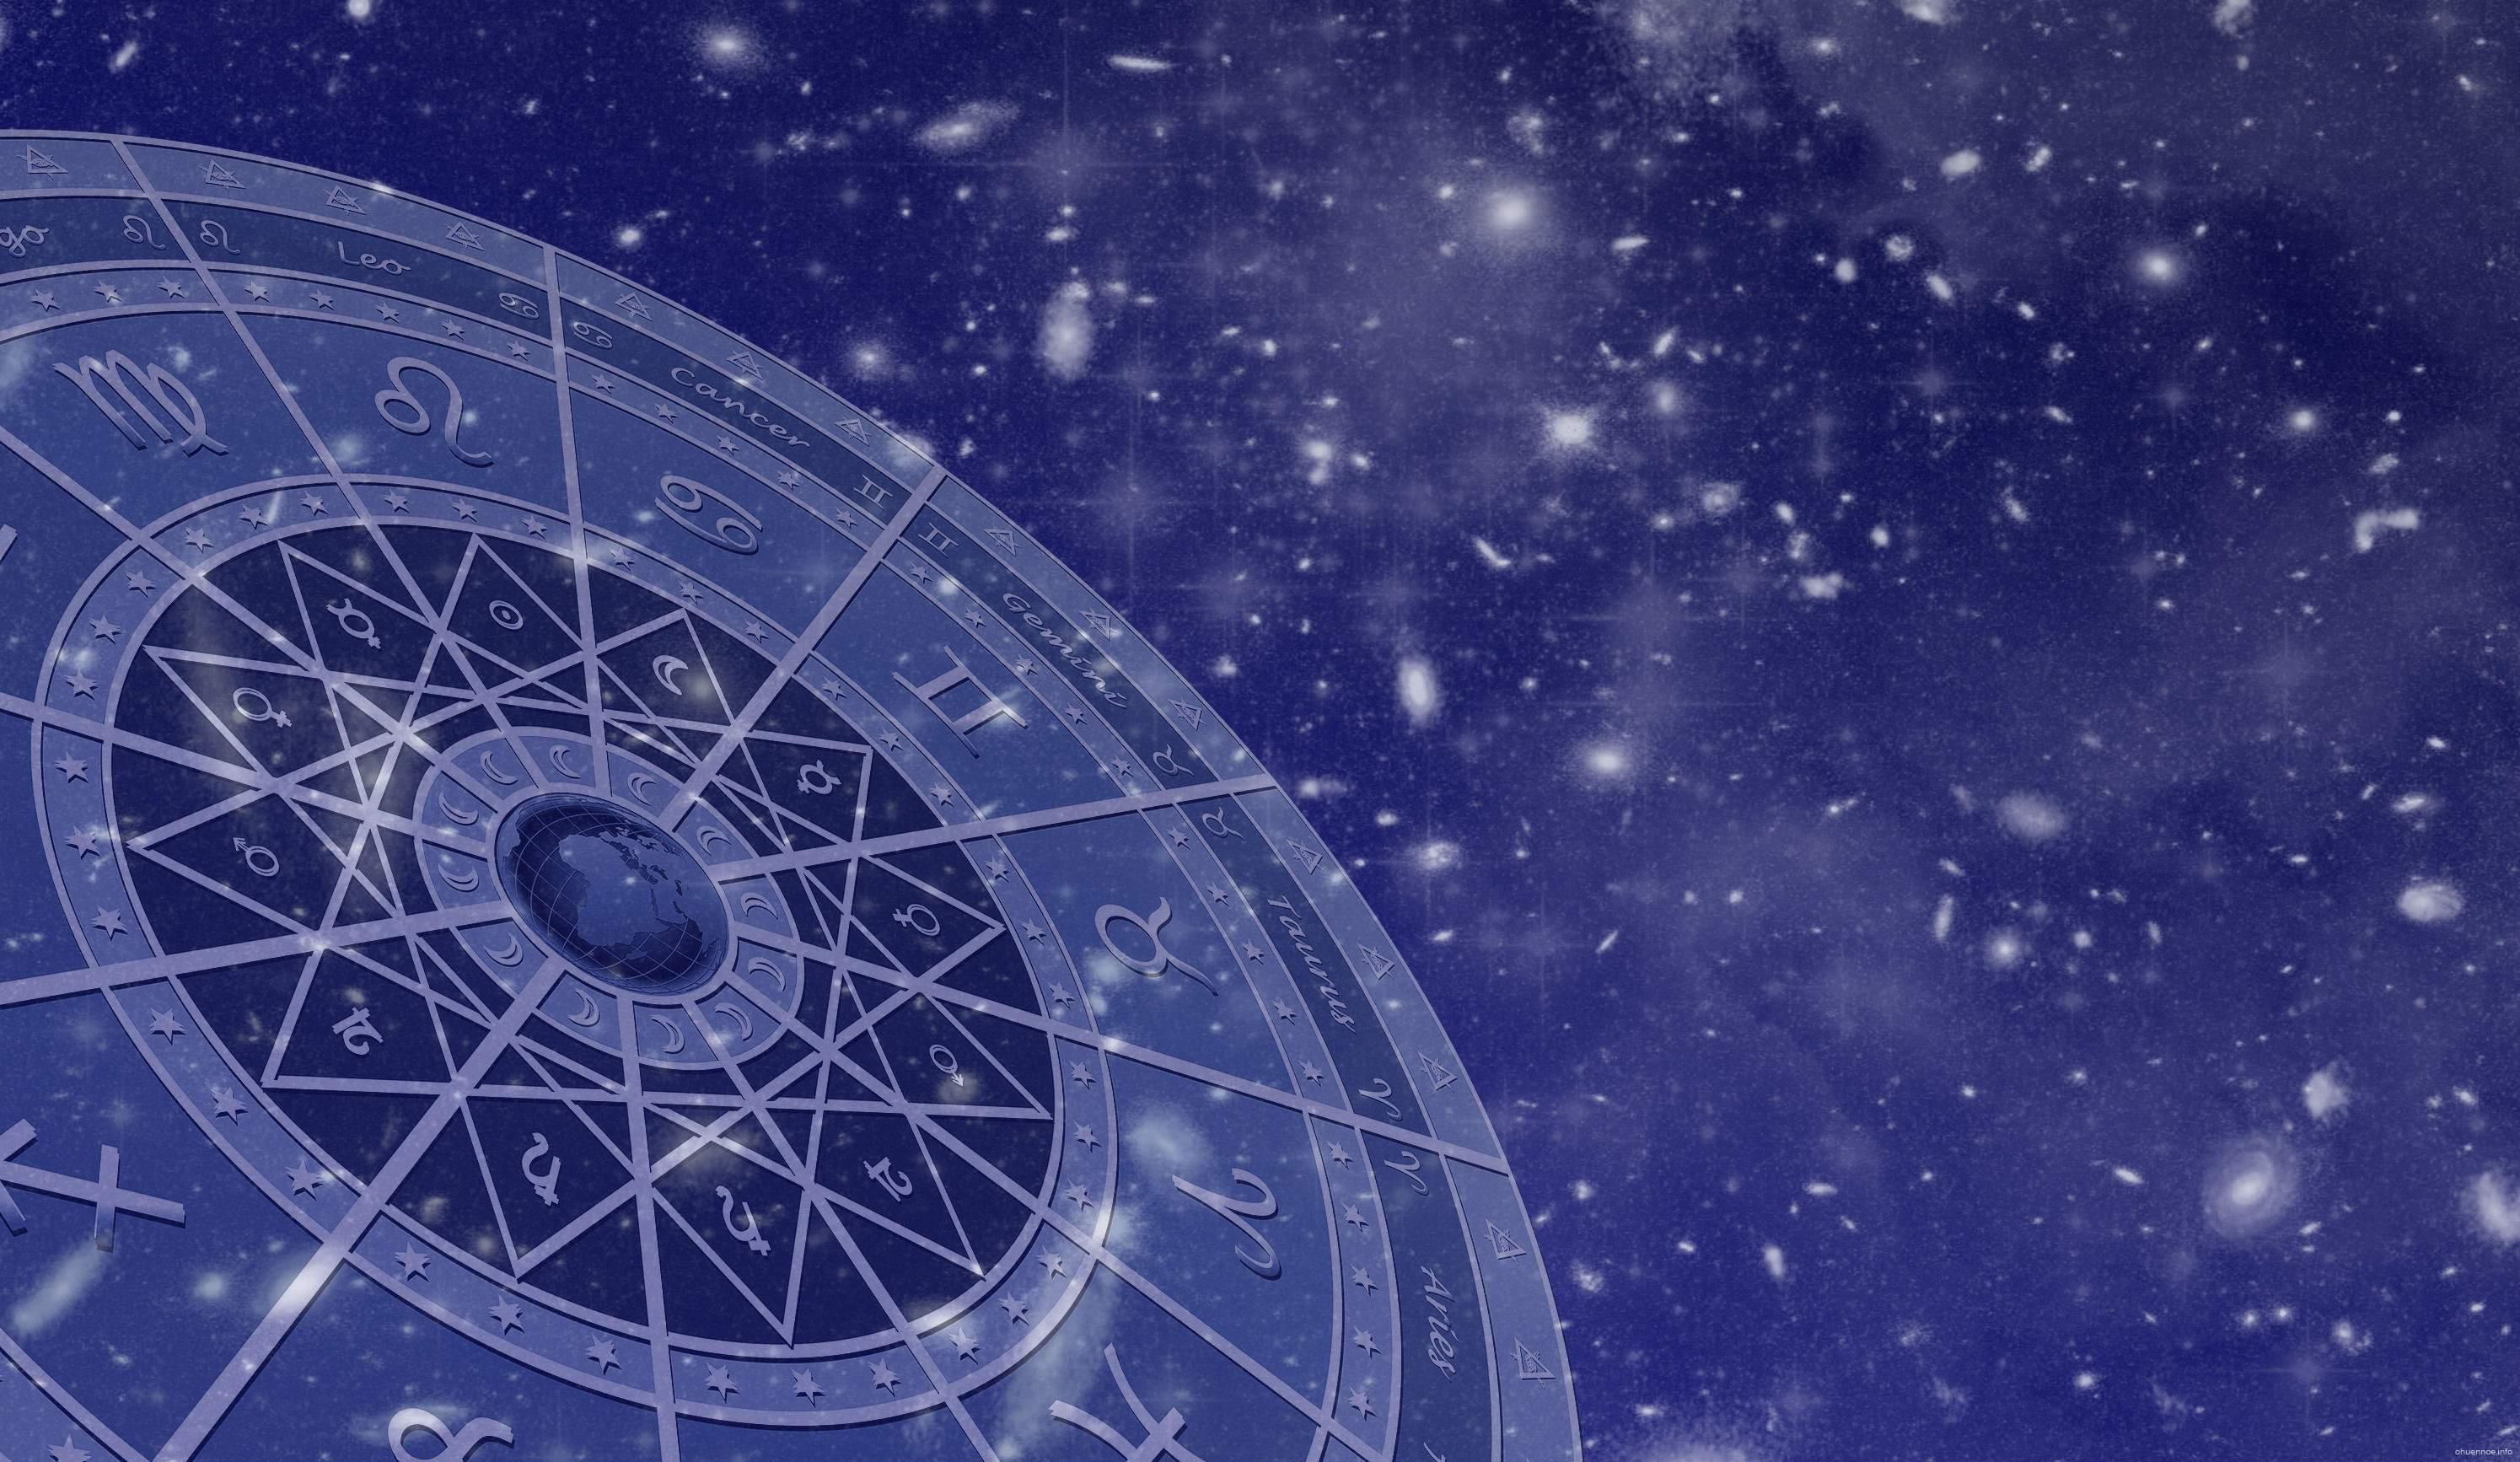 ручном стиле картинки звезды зодиак для